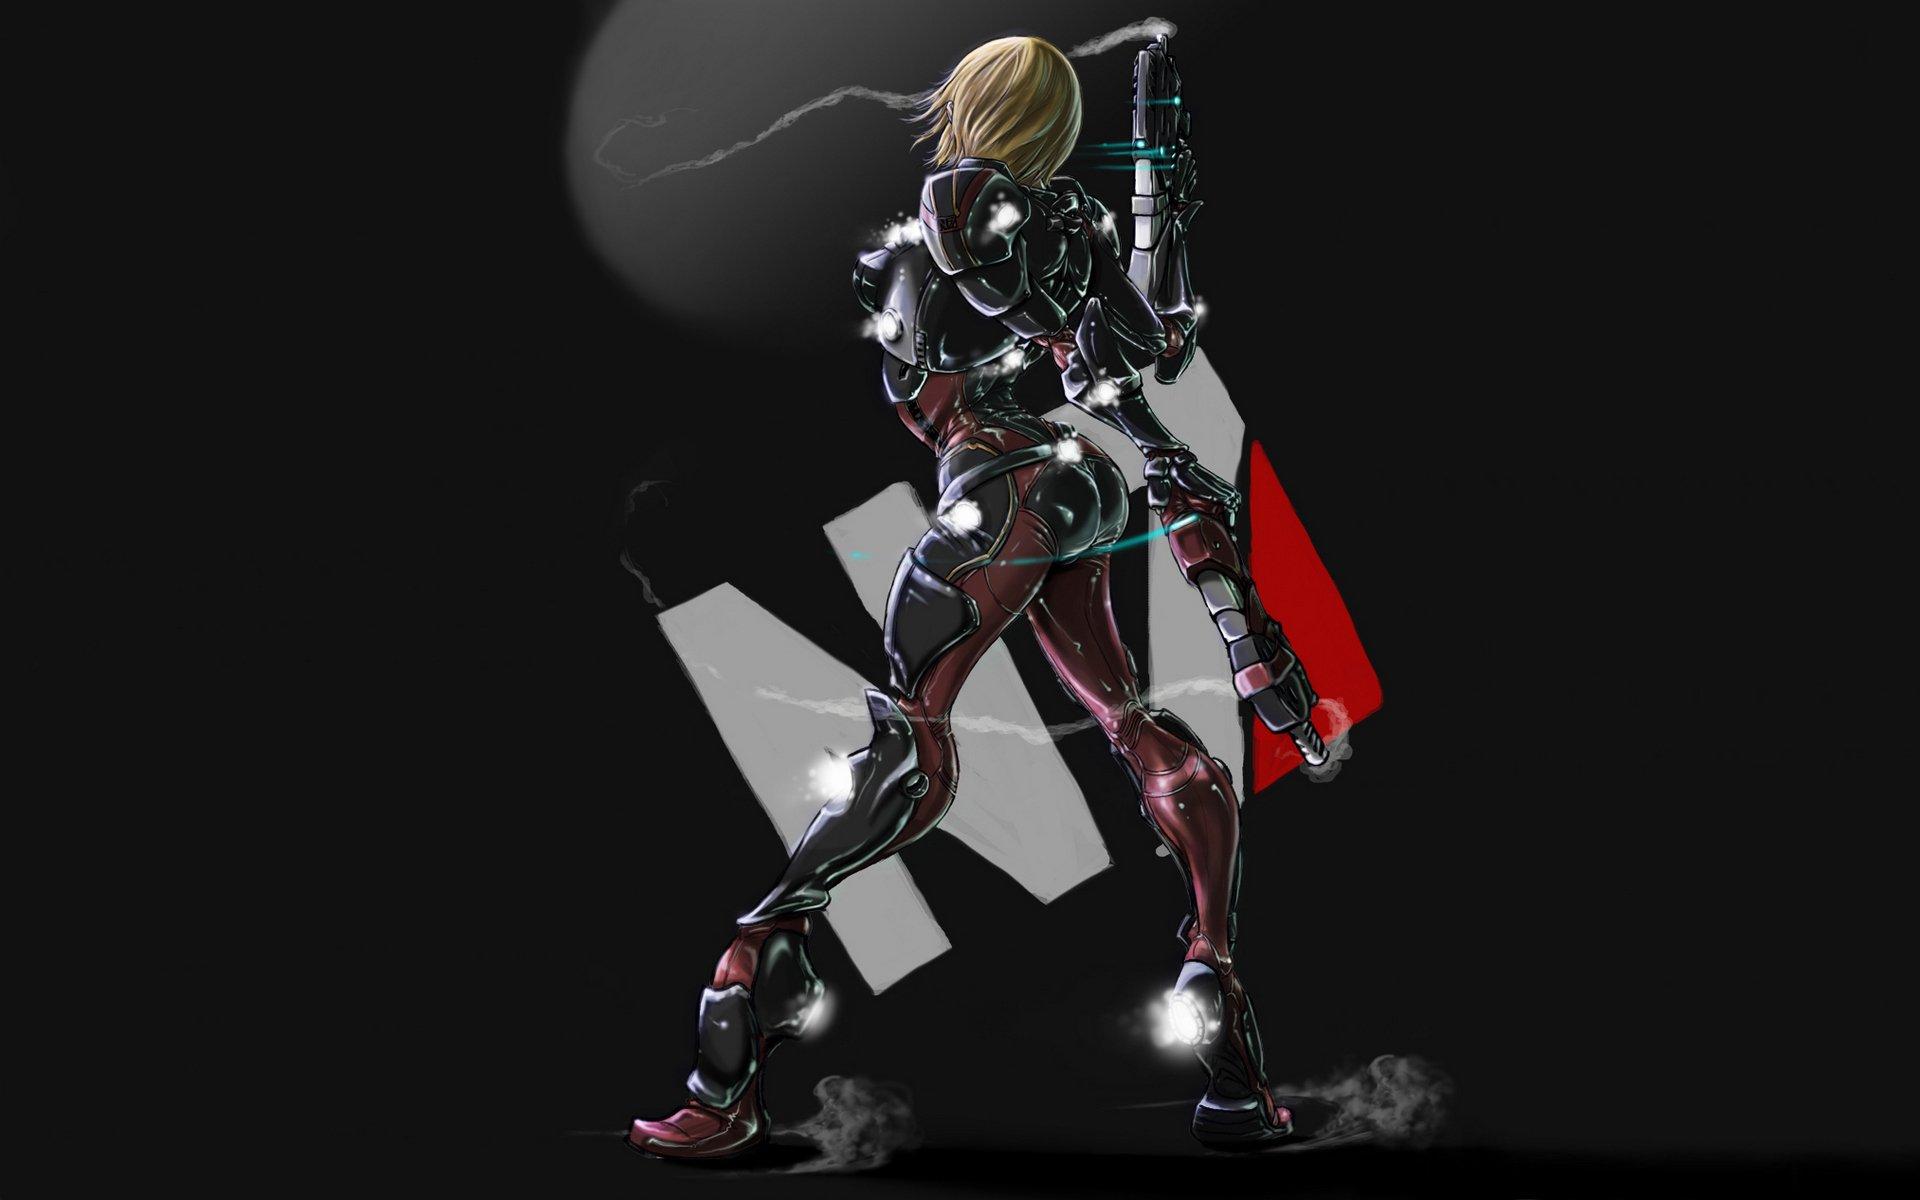 Mass Effect N7 девушка костюм оружие дым простой фон Hd обои